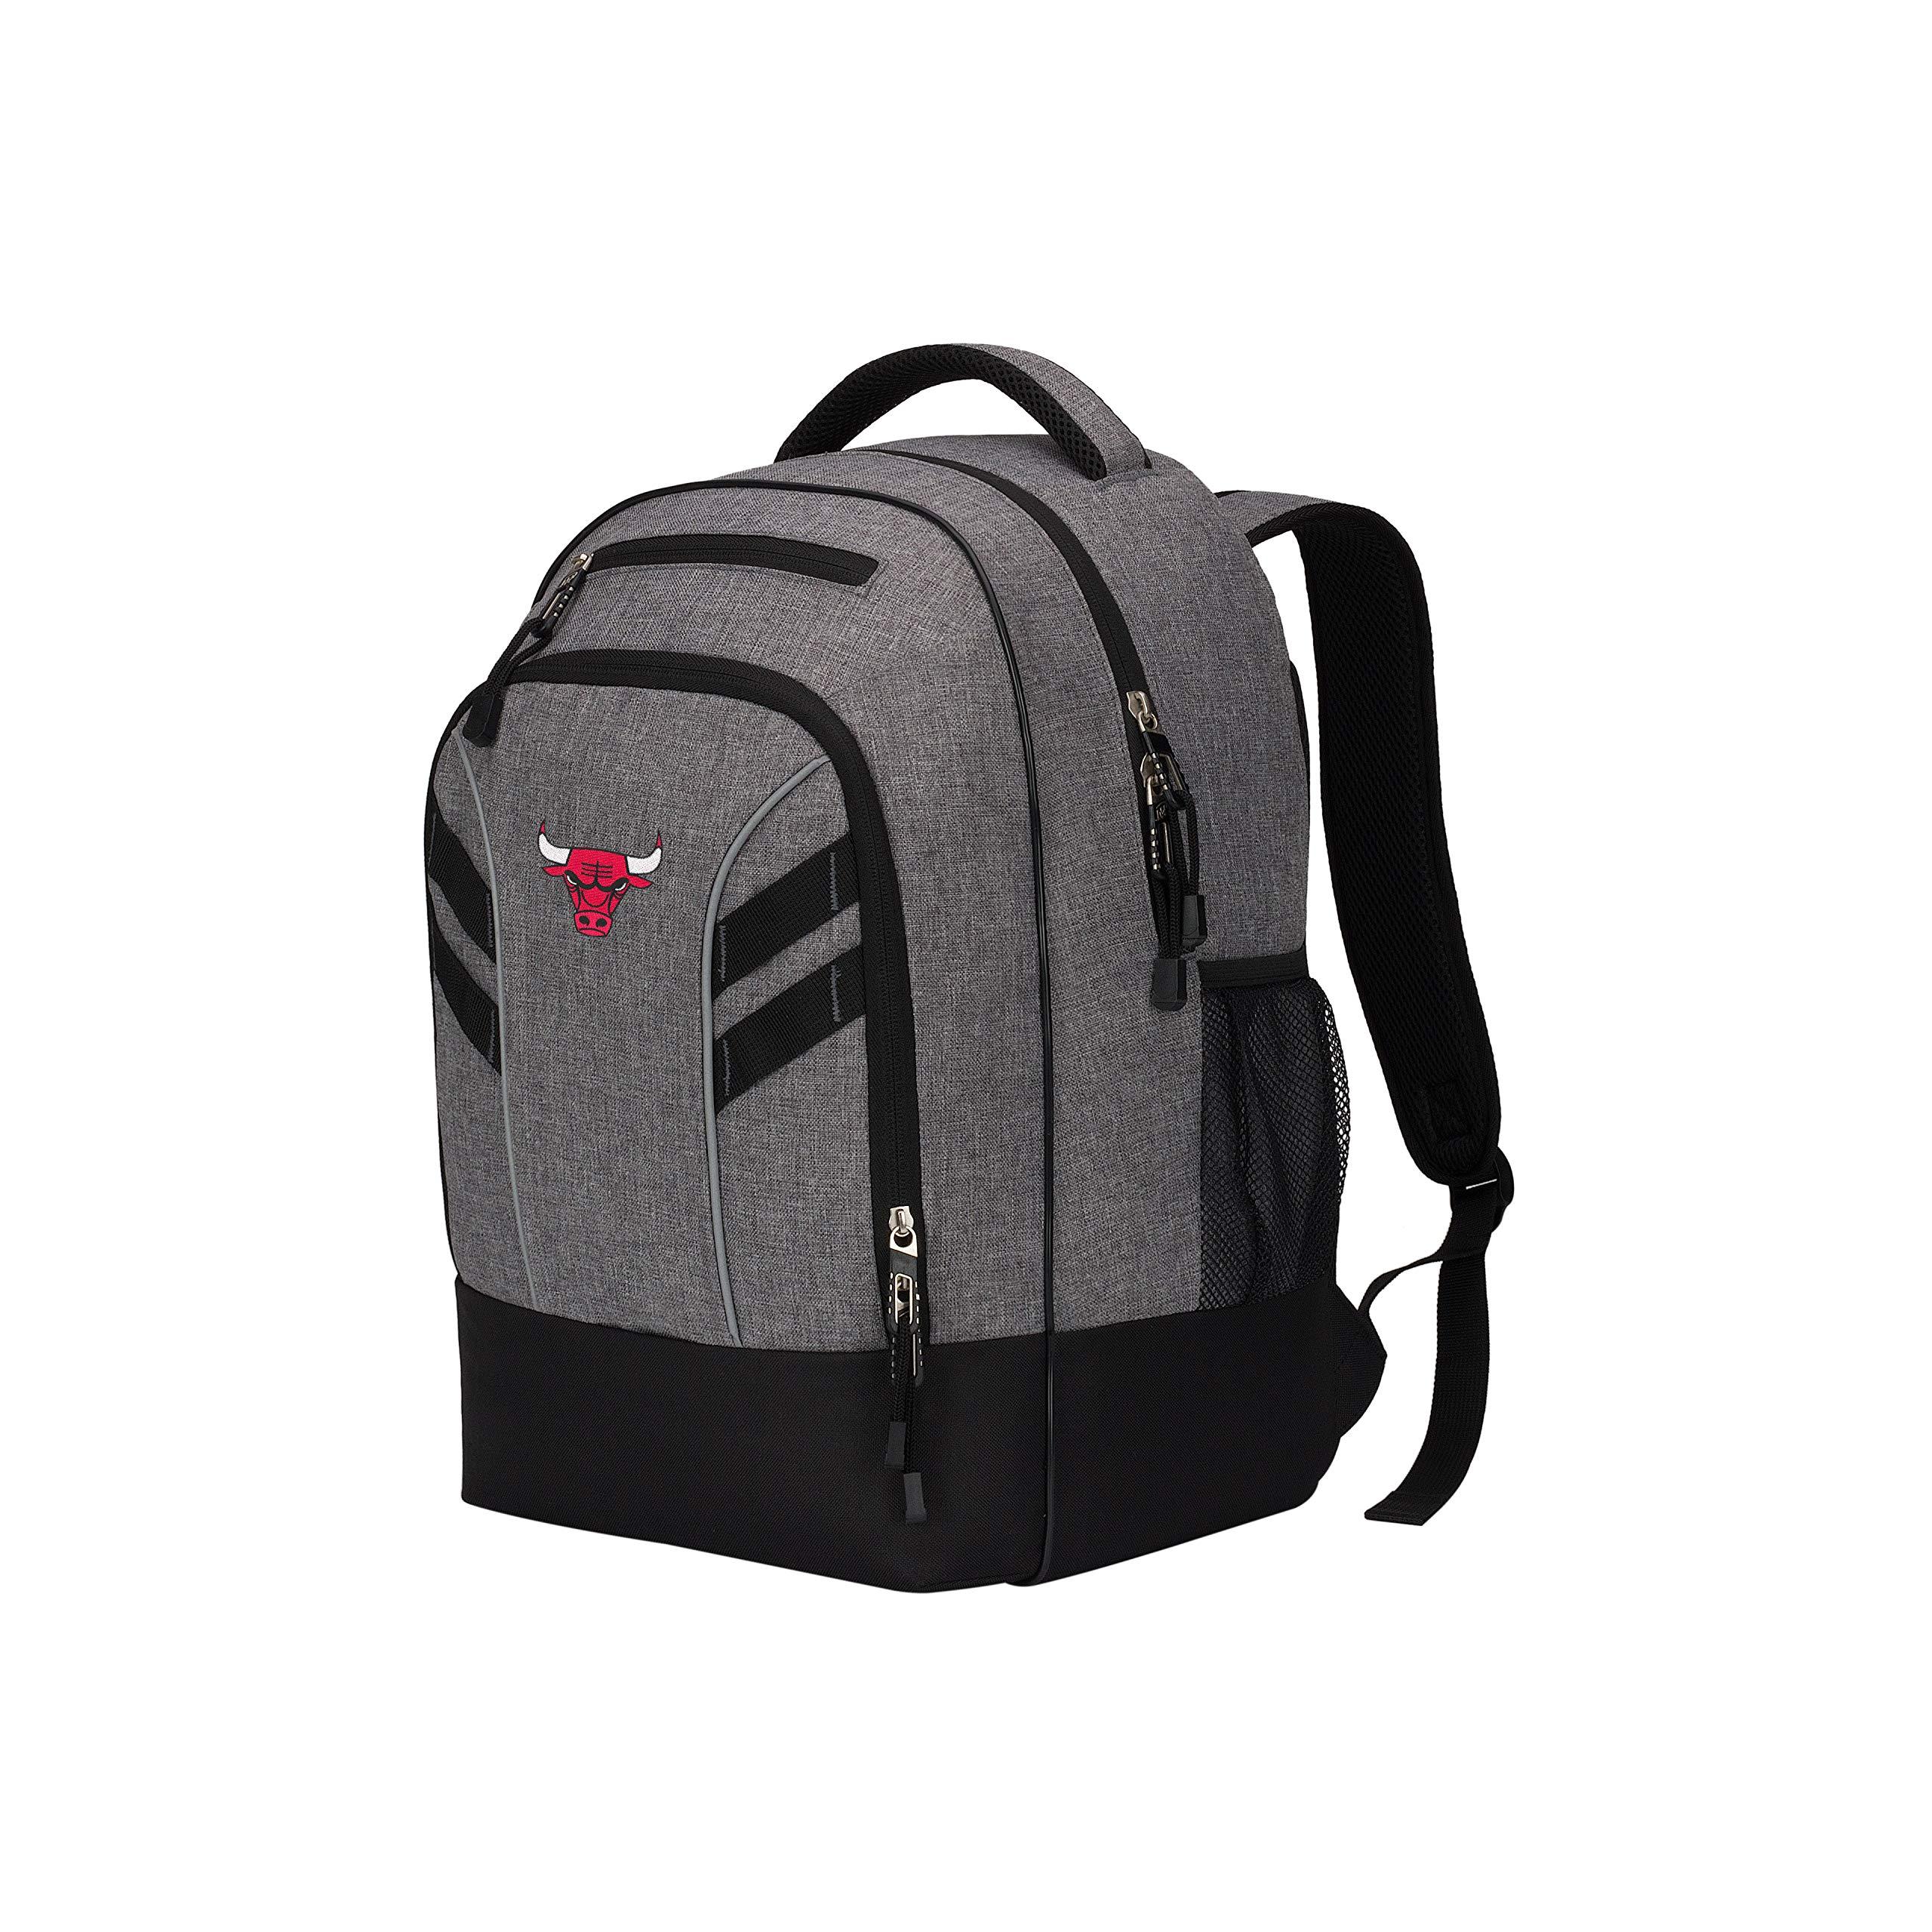 Officially Licensed NBA Chicago Bulls ''Razor'' Backpack